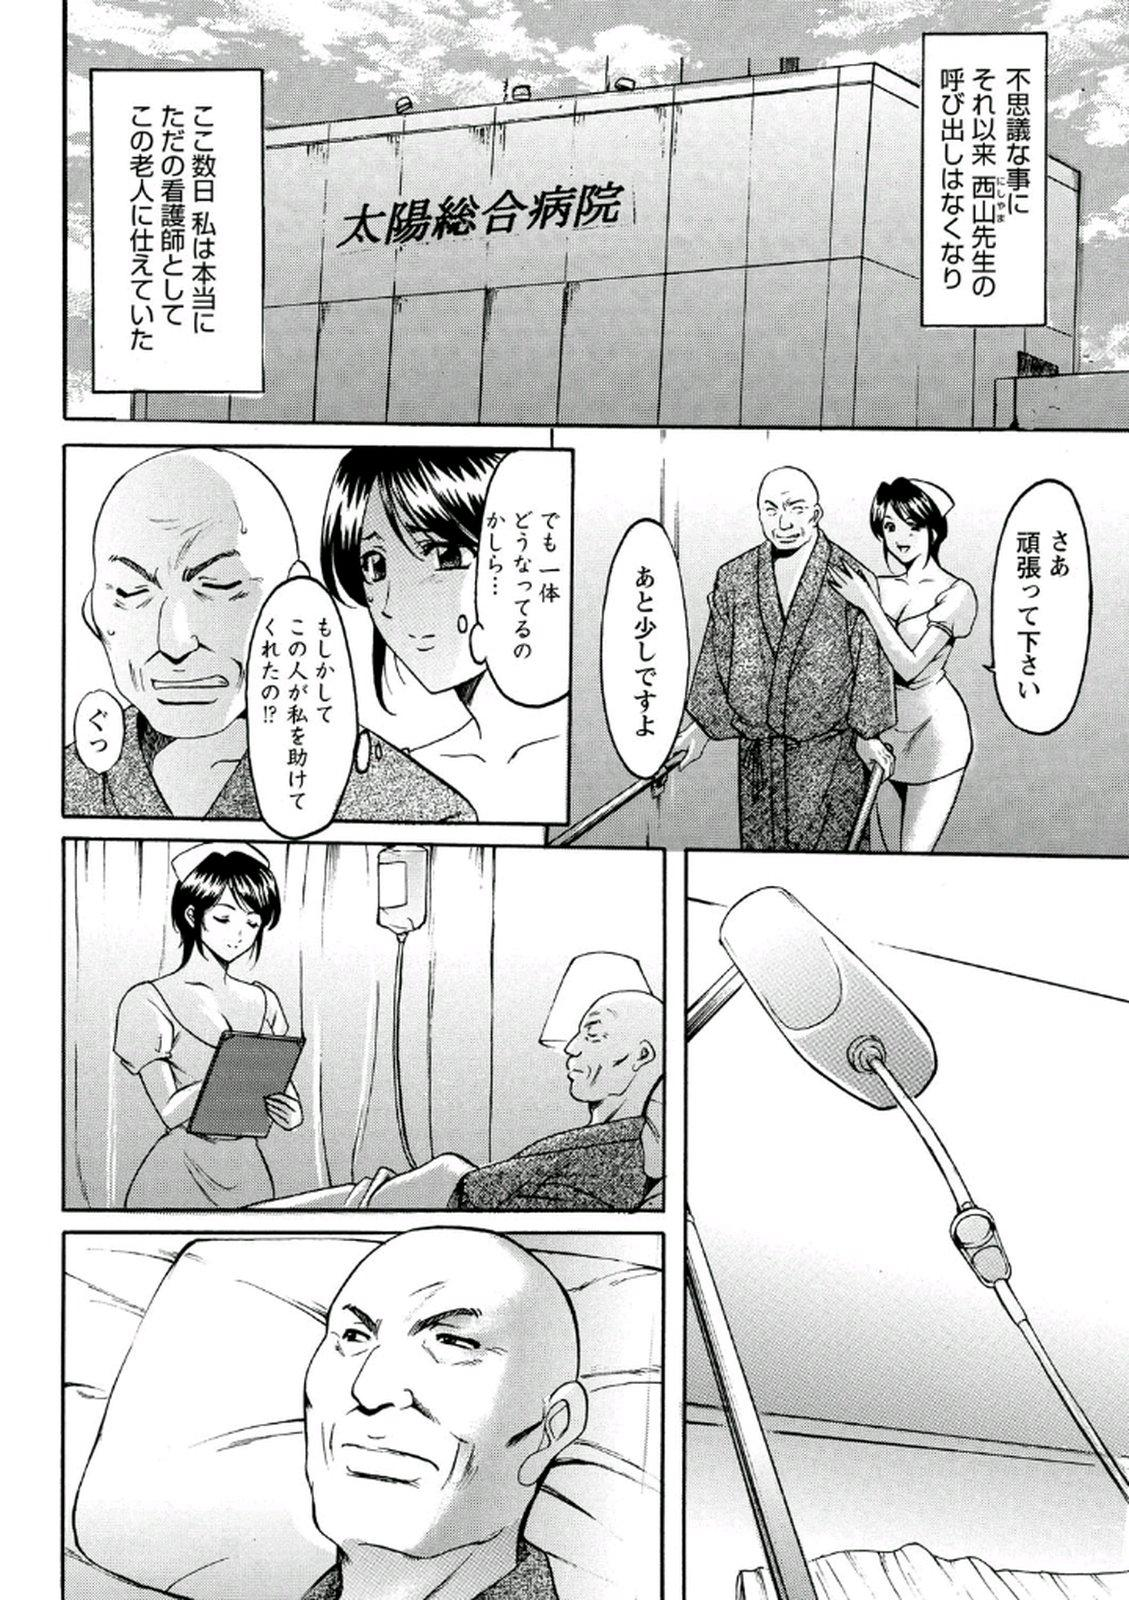 Chijoku Byoutou 137